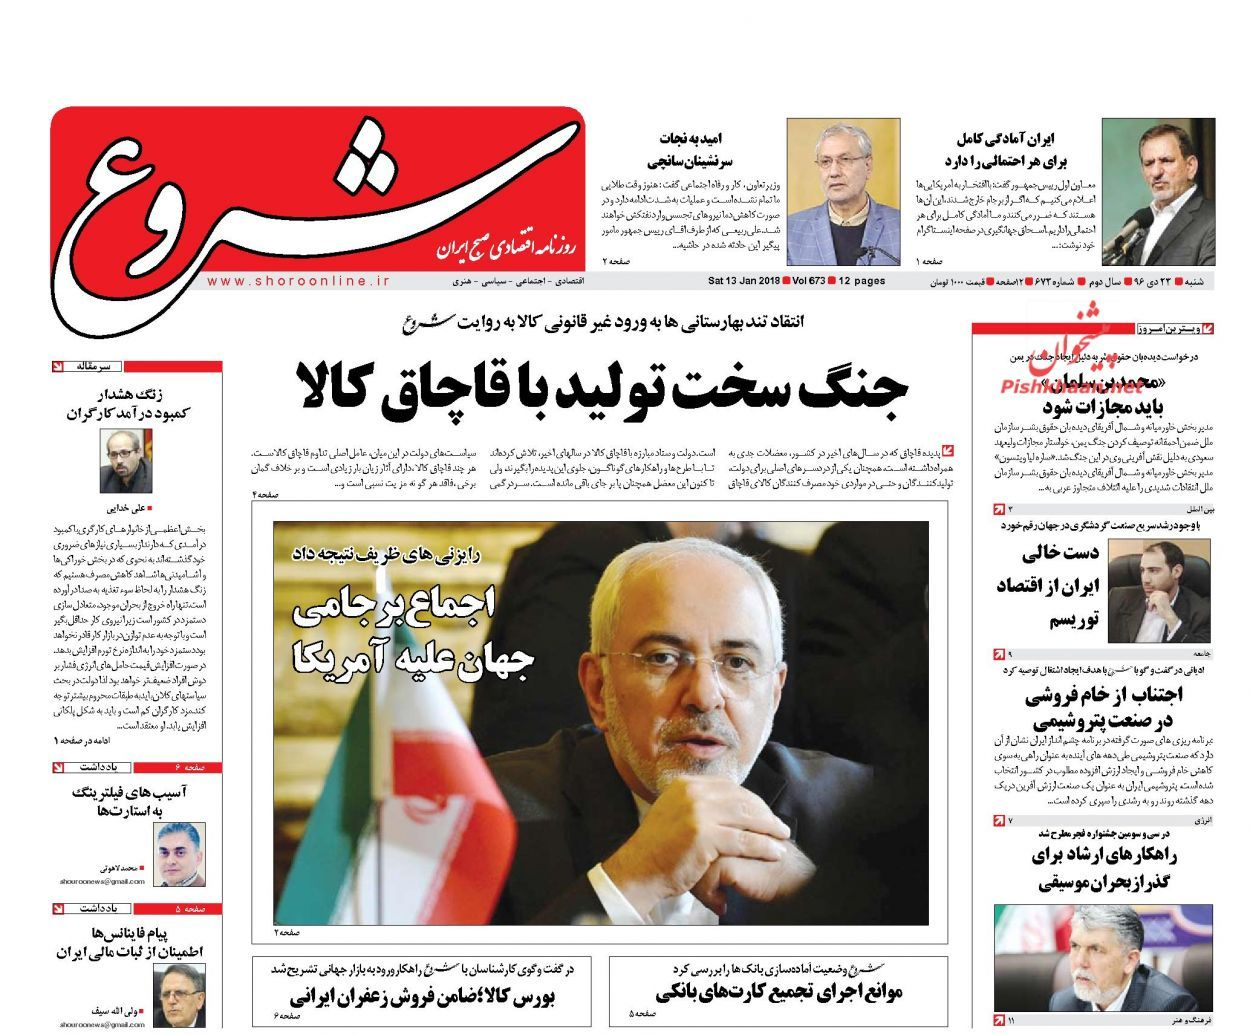 روزنامههای اقتصادی شنبه ۲۳ دیماه ۹۶